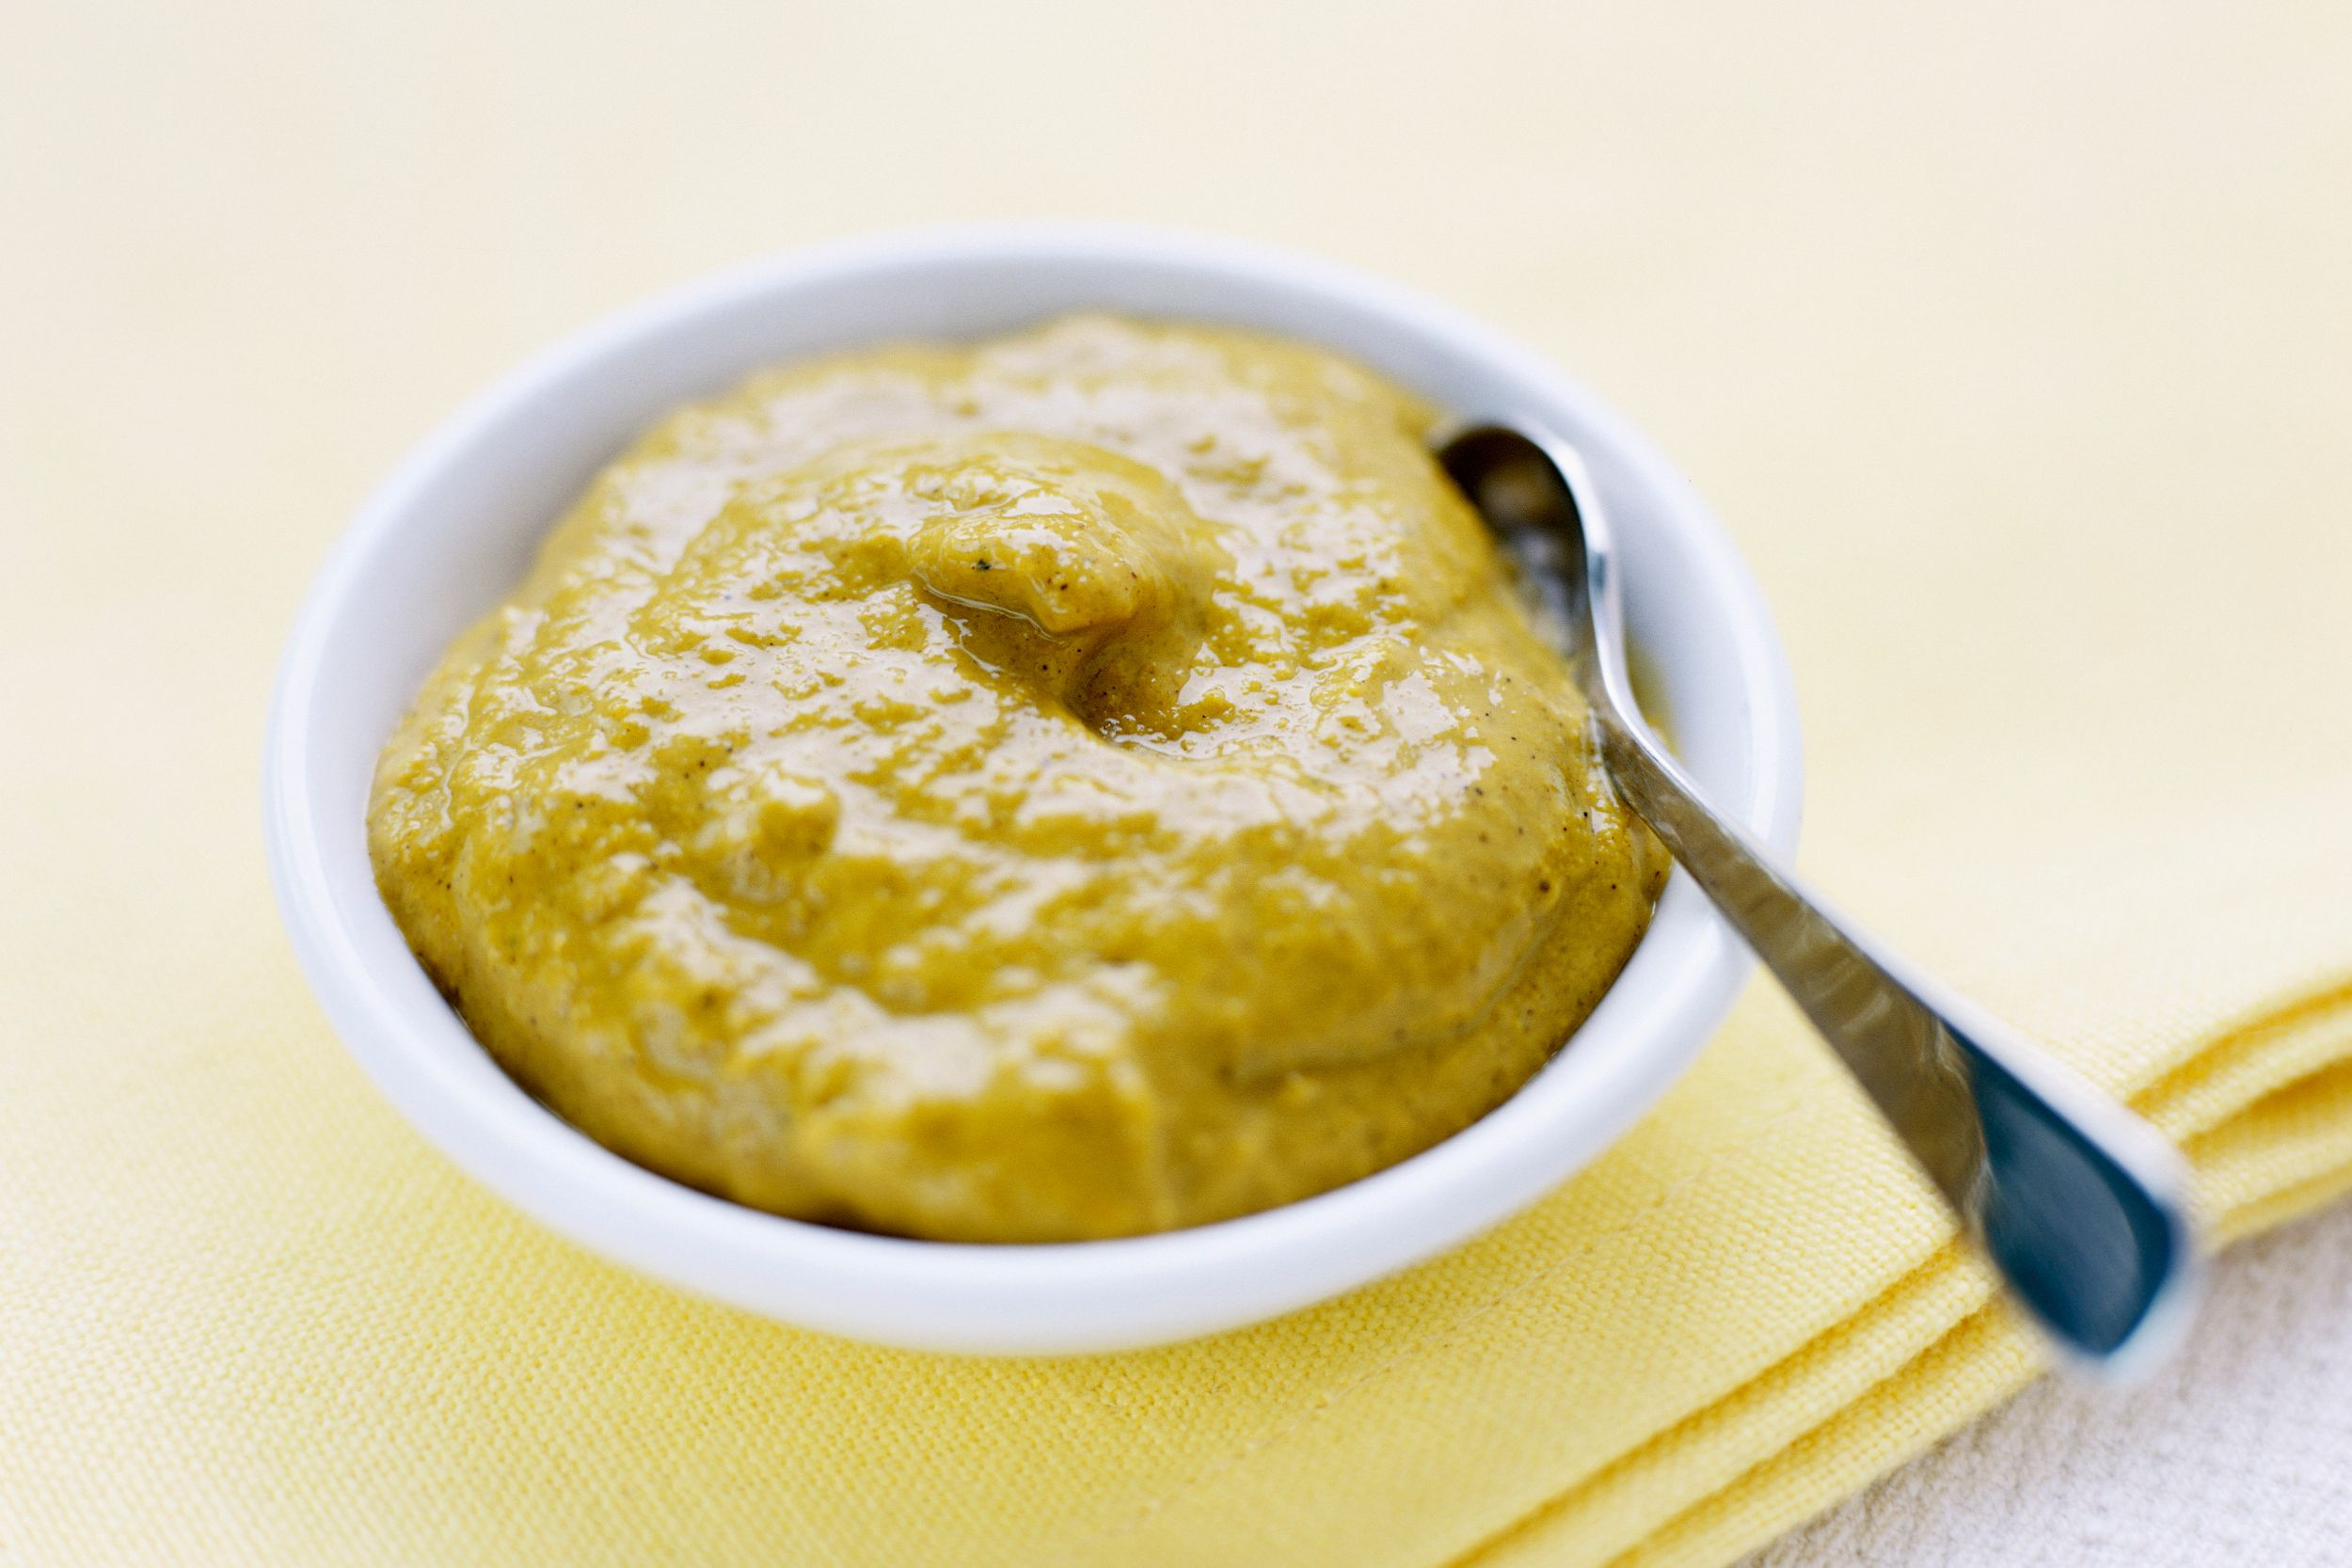 Dijon Style Mustard Recipe